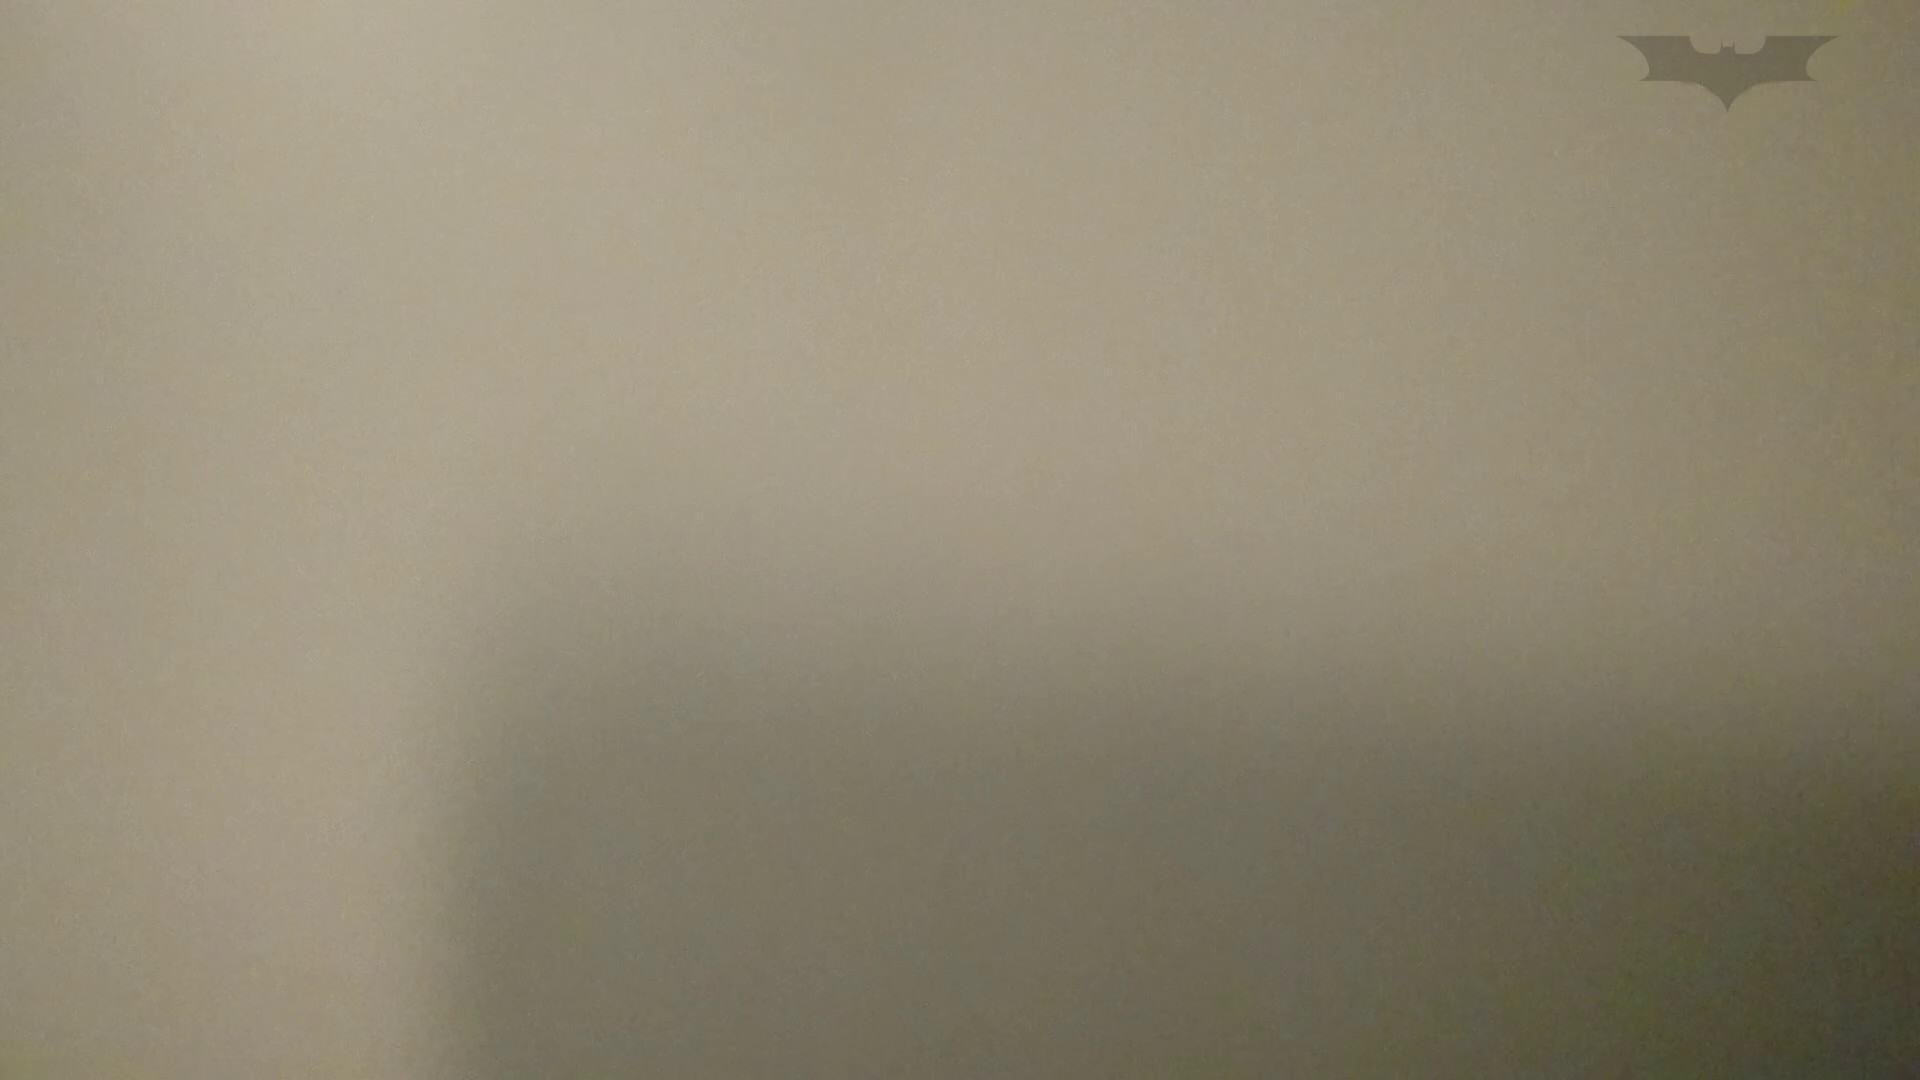 セックスアダルト動画|化粧室絵巻 ショッピングモール編 VOL.13|怪盗ジョーカー